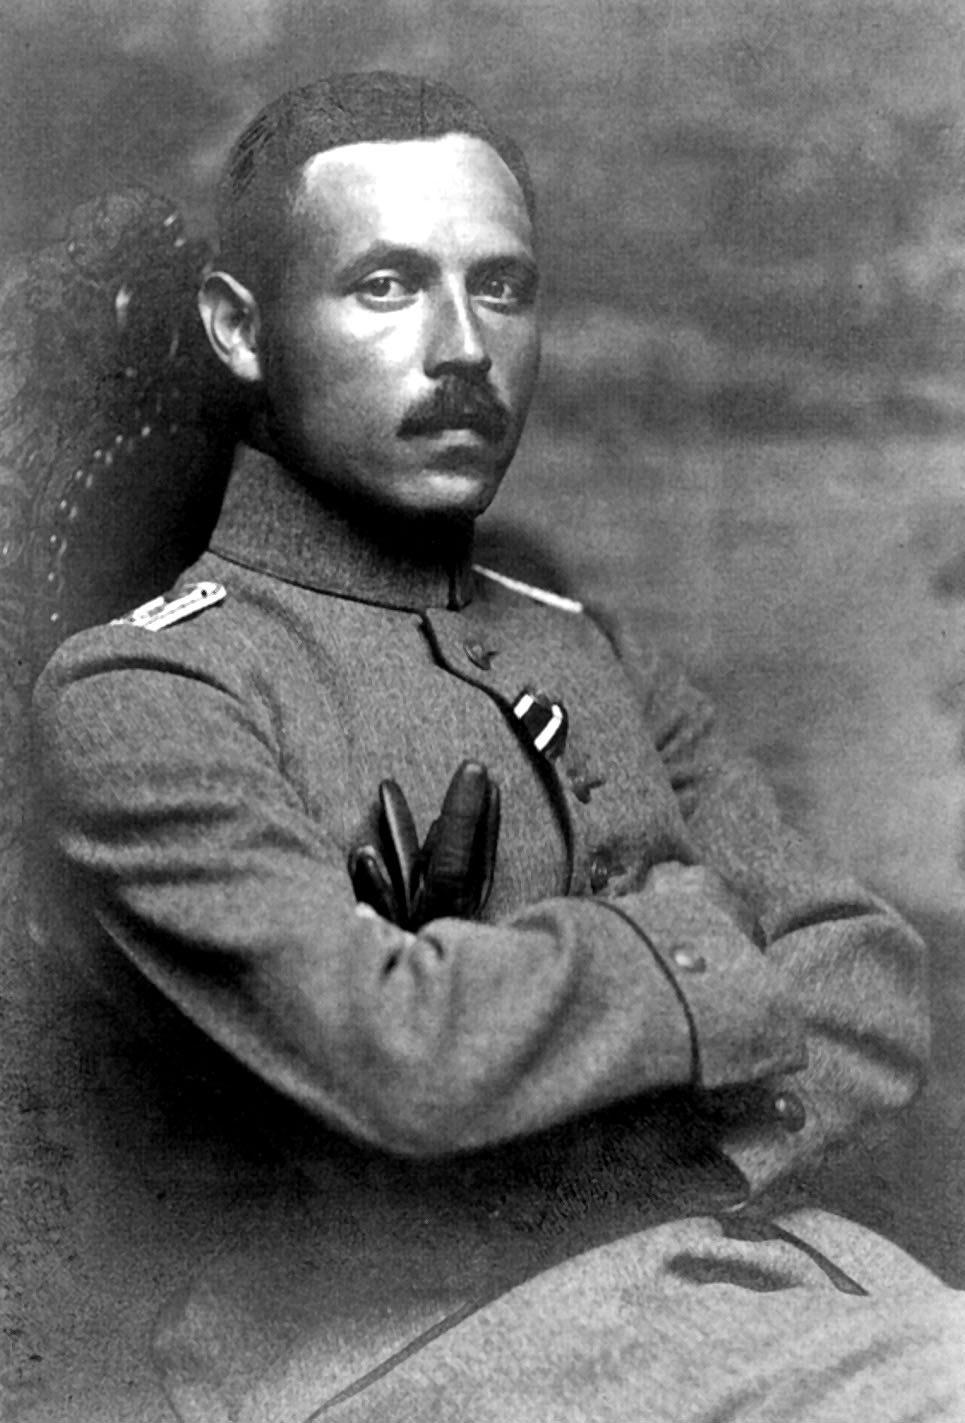 Leutnant Marx im Ersten Weltkrieg.